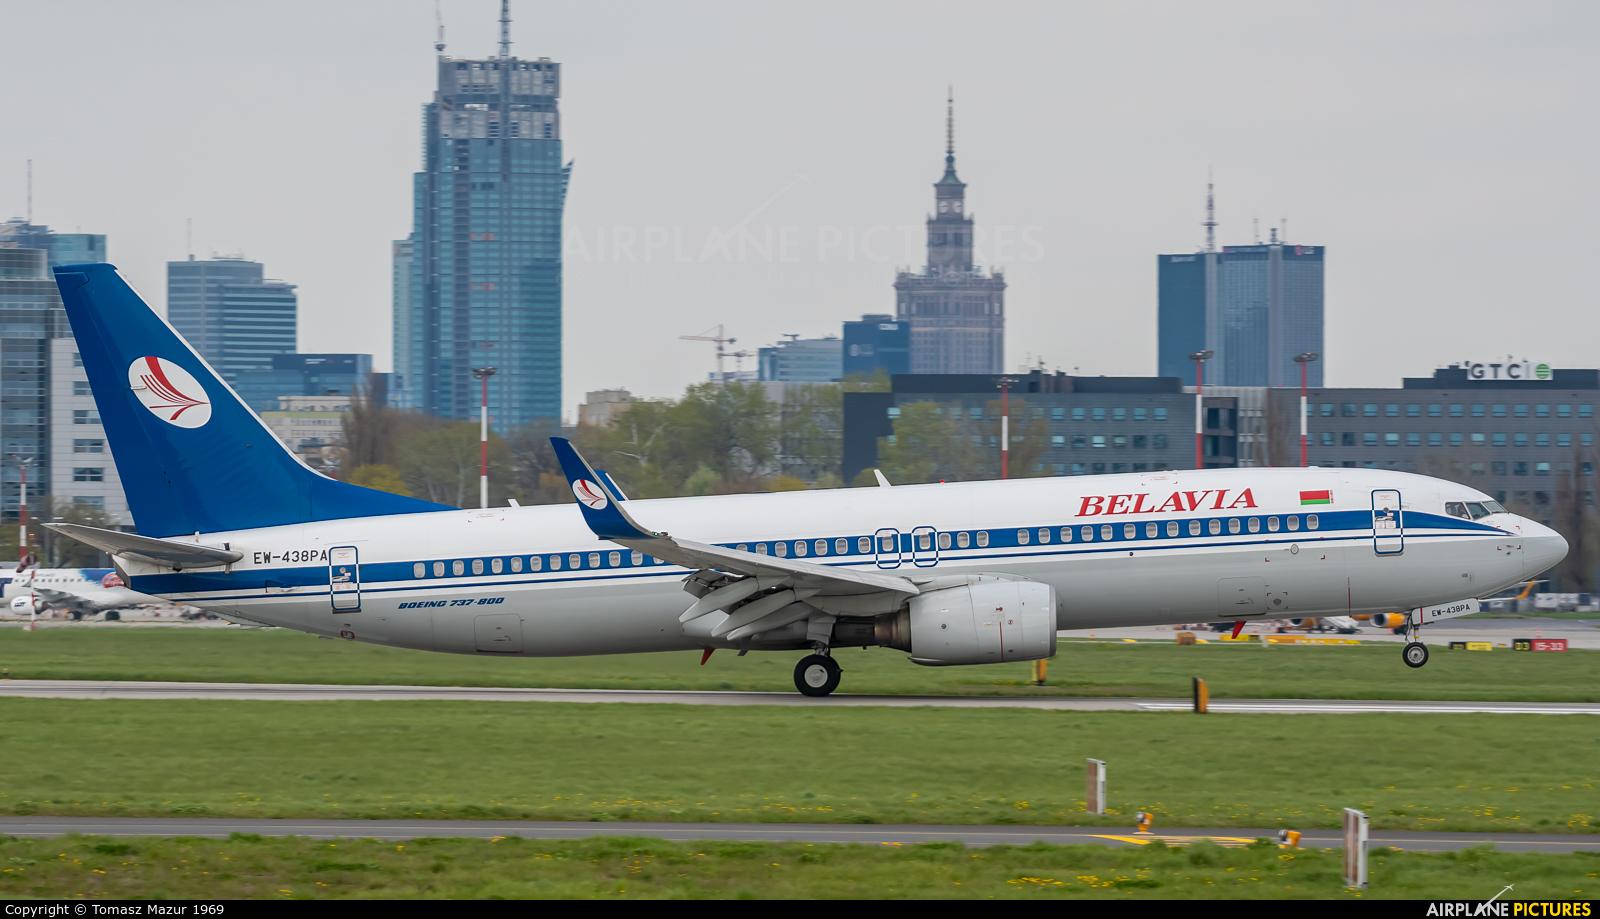 Belavia EW-438PA aircraft at Warsaw - Frederic Chopin